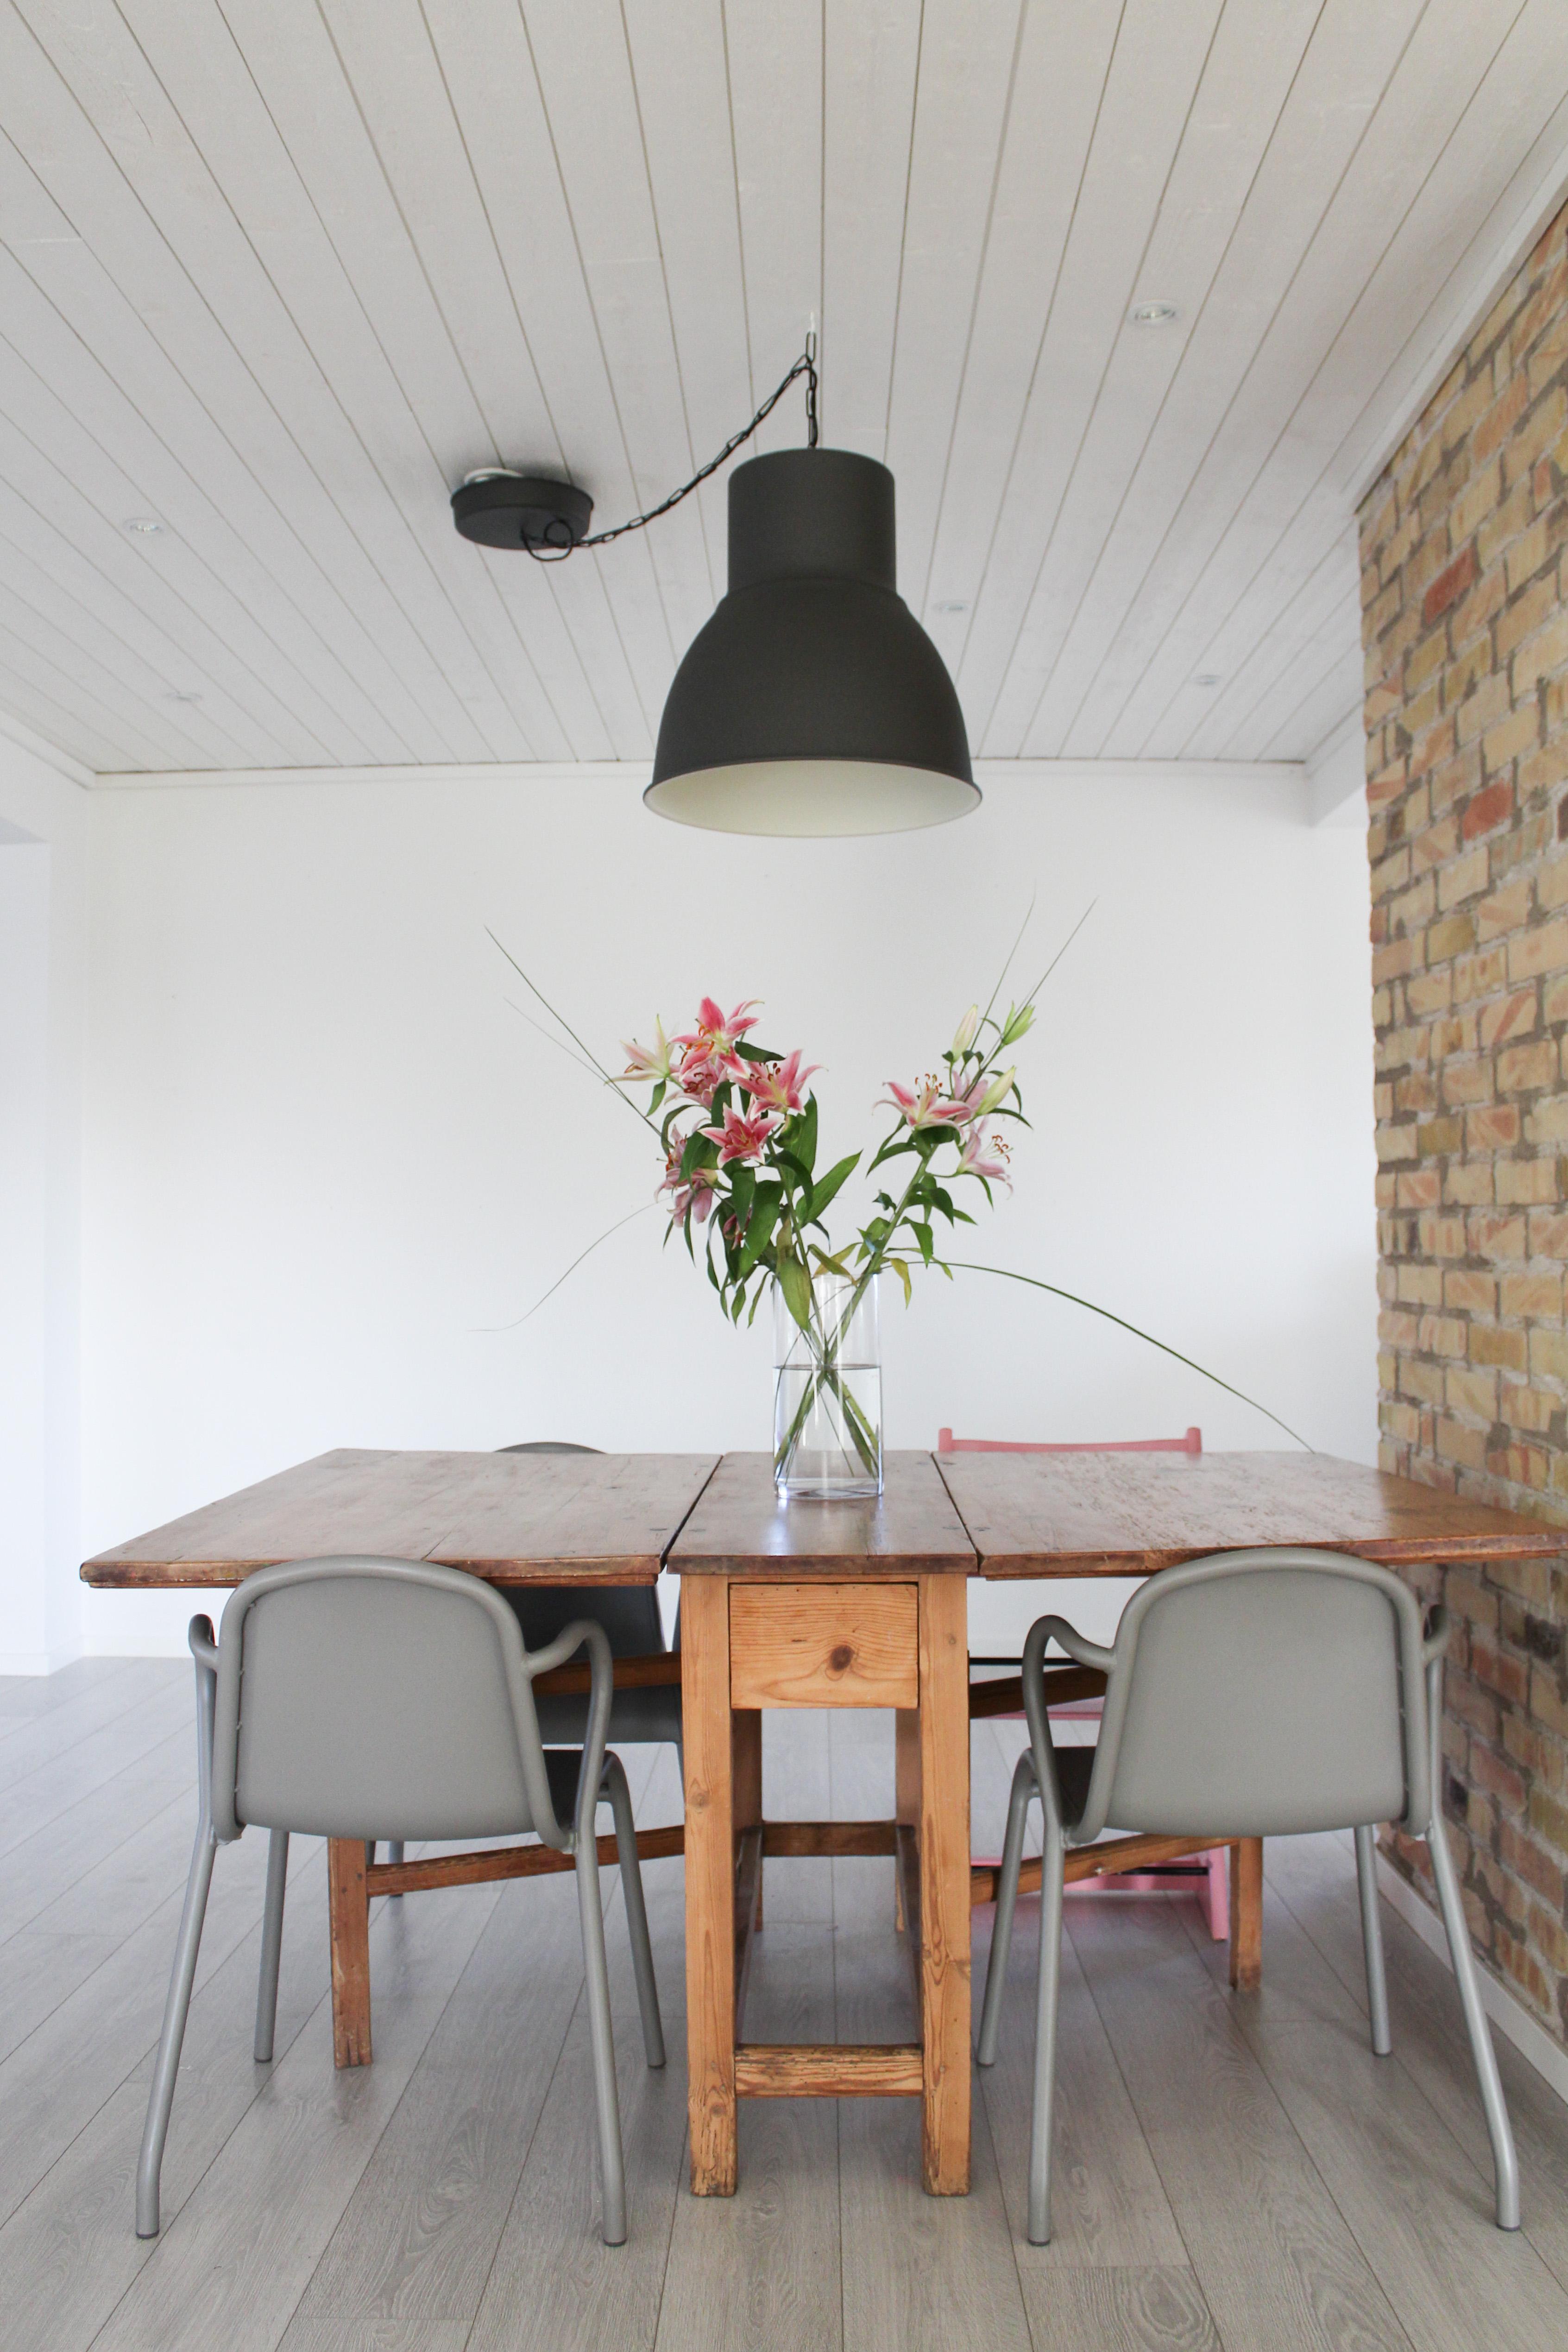 Matplatstankar och en längt efter ljus